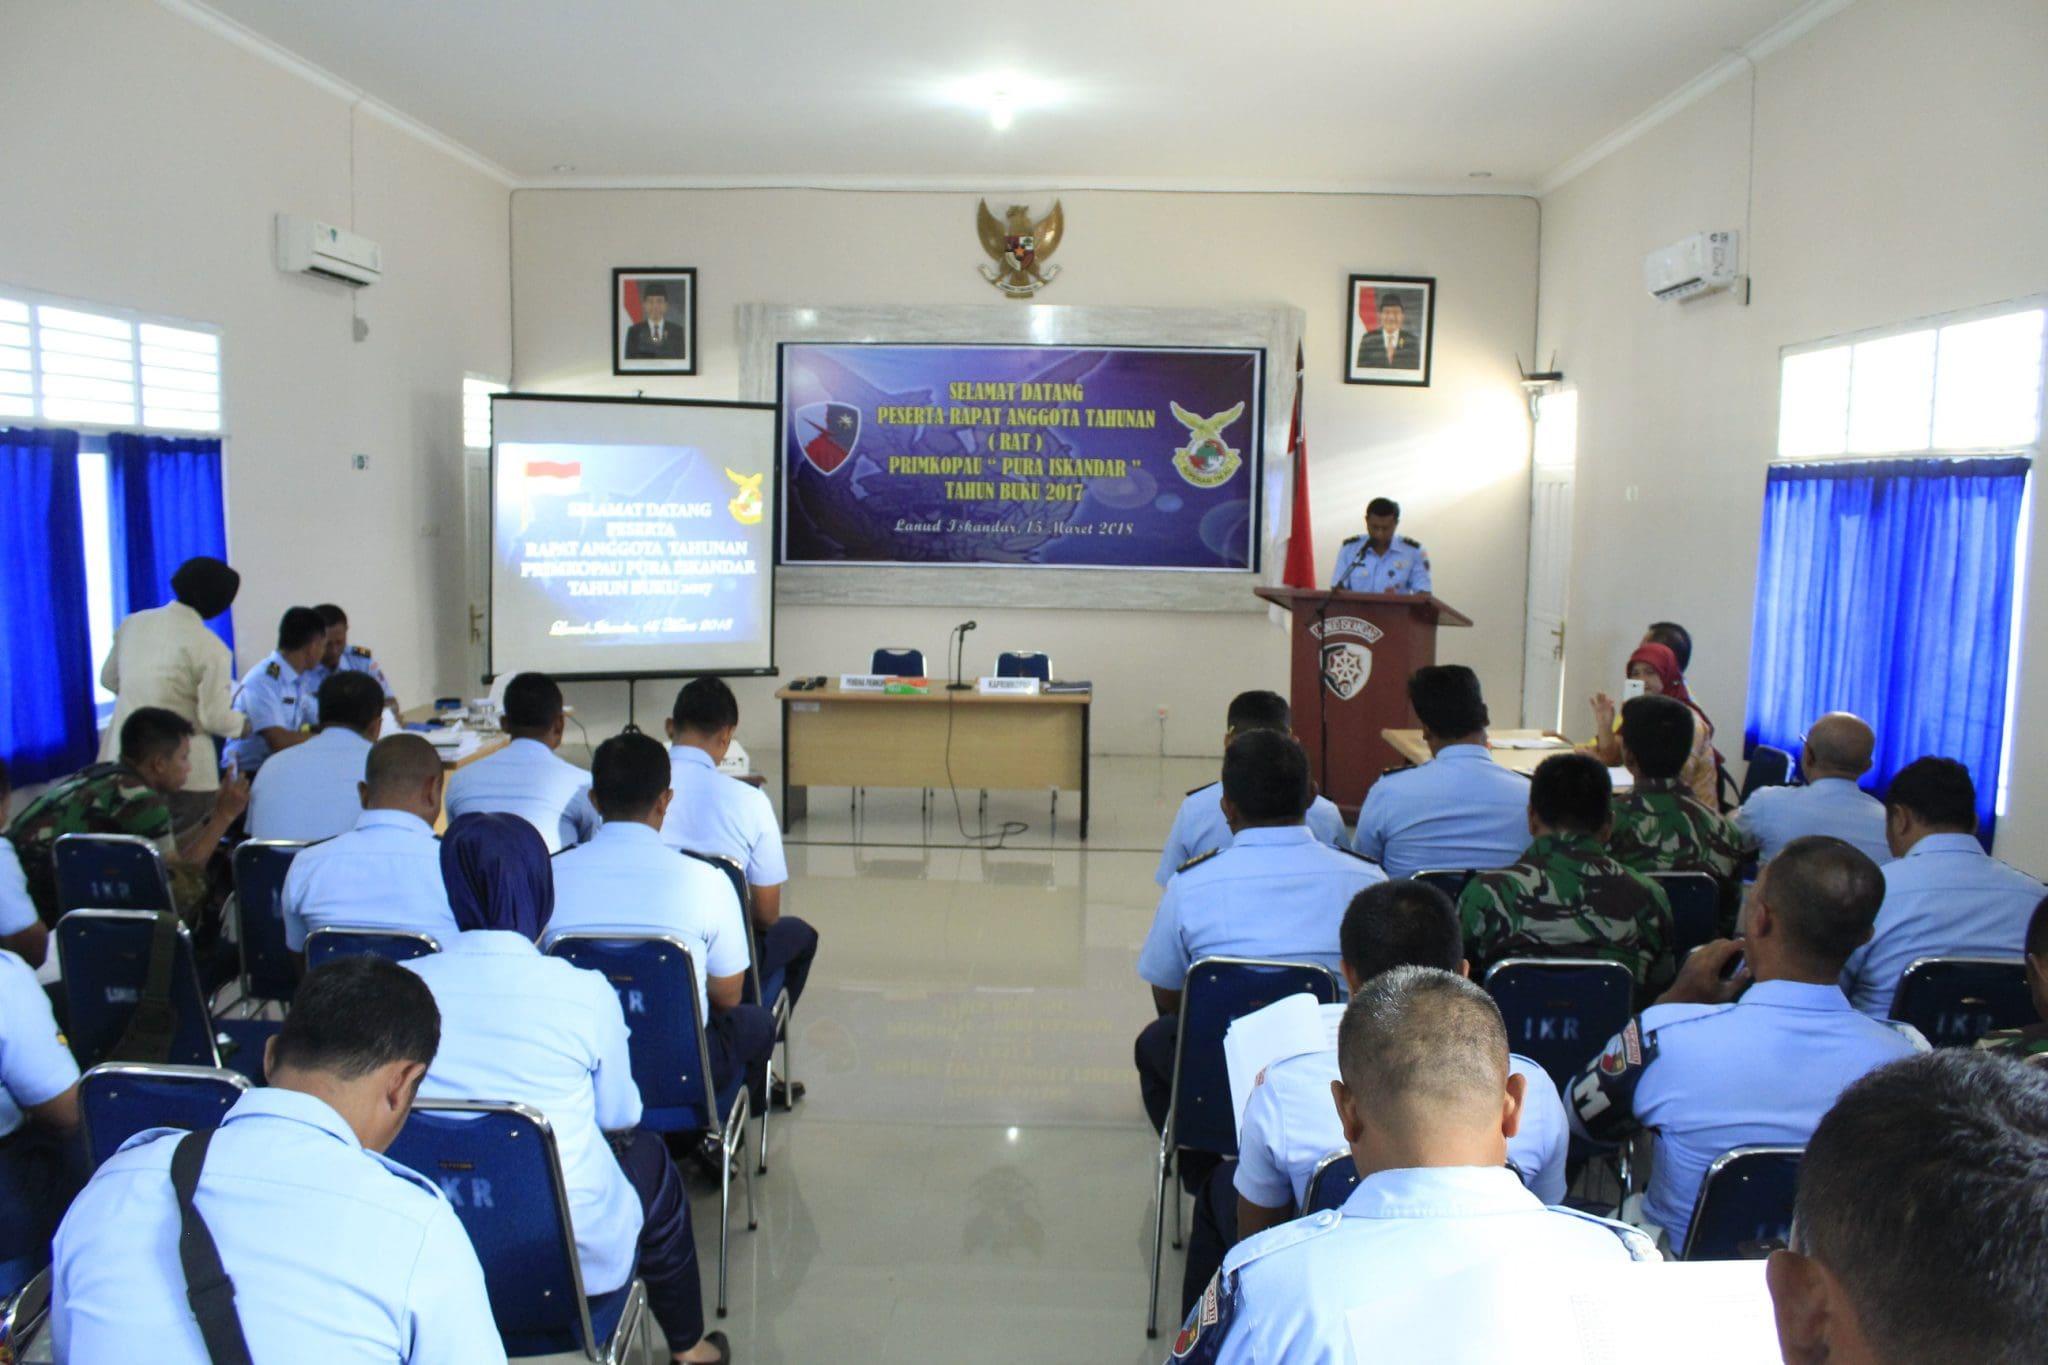 Primkopau Pura Iskandar Lanud Iskandar Adakan RAT Tutup Buku 2017